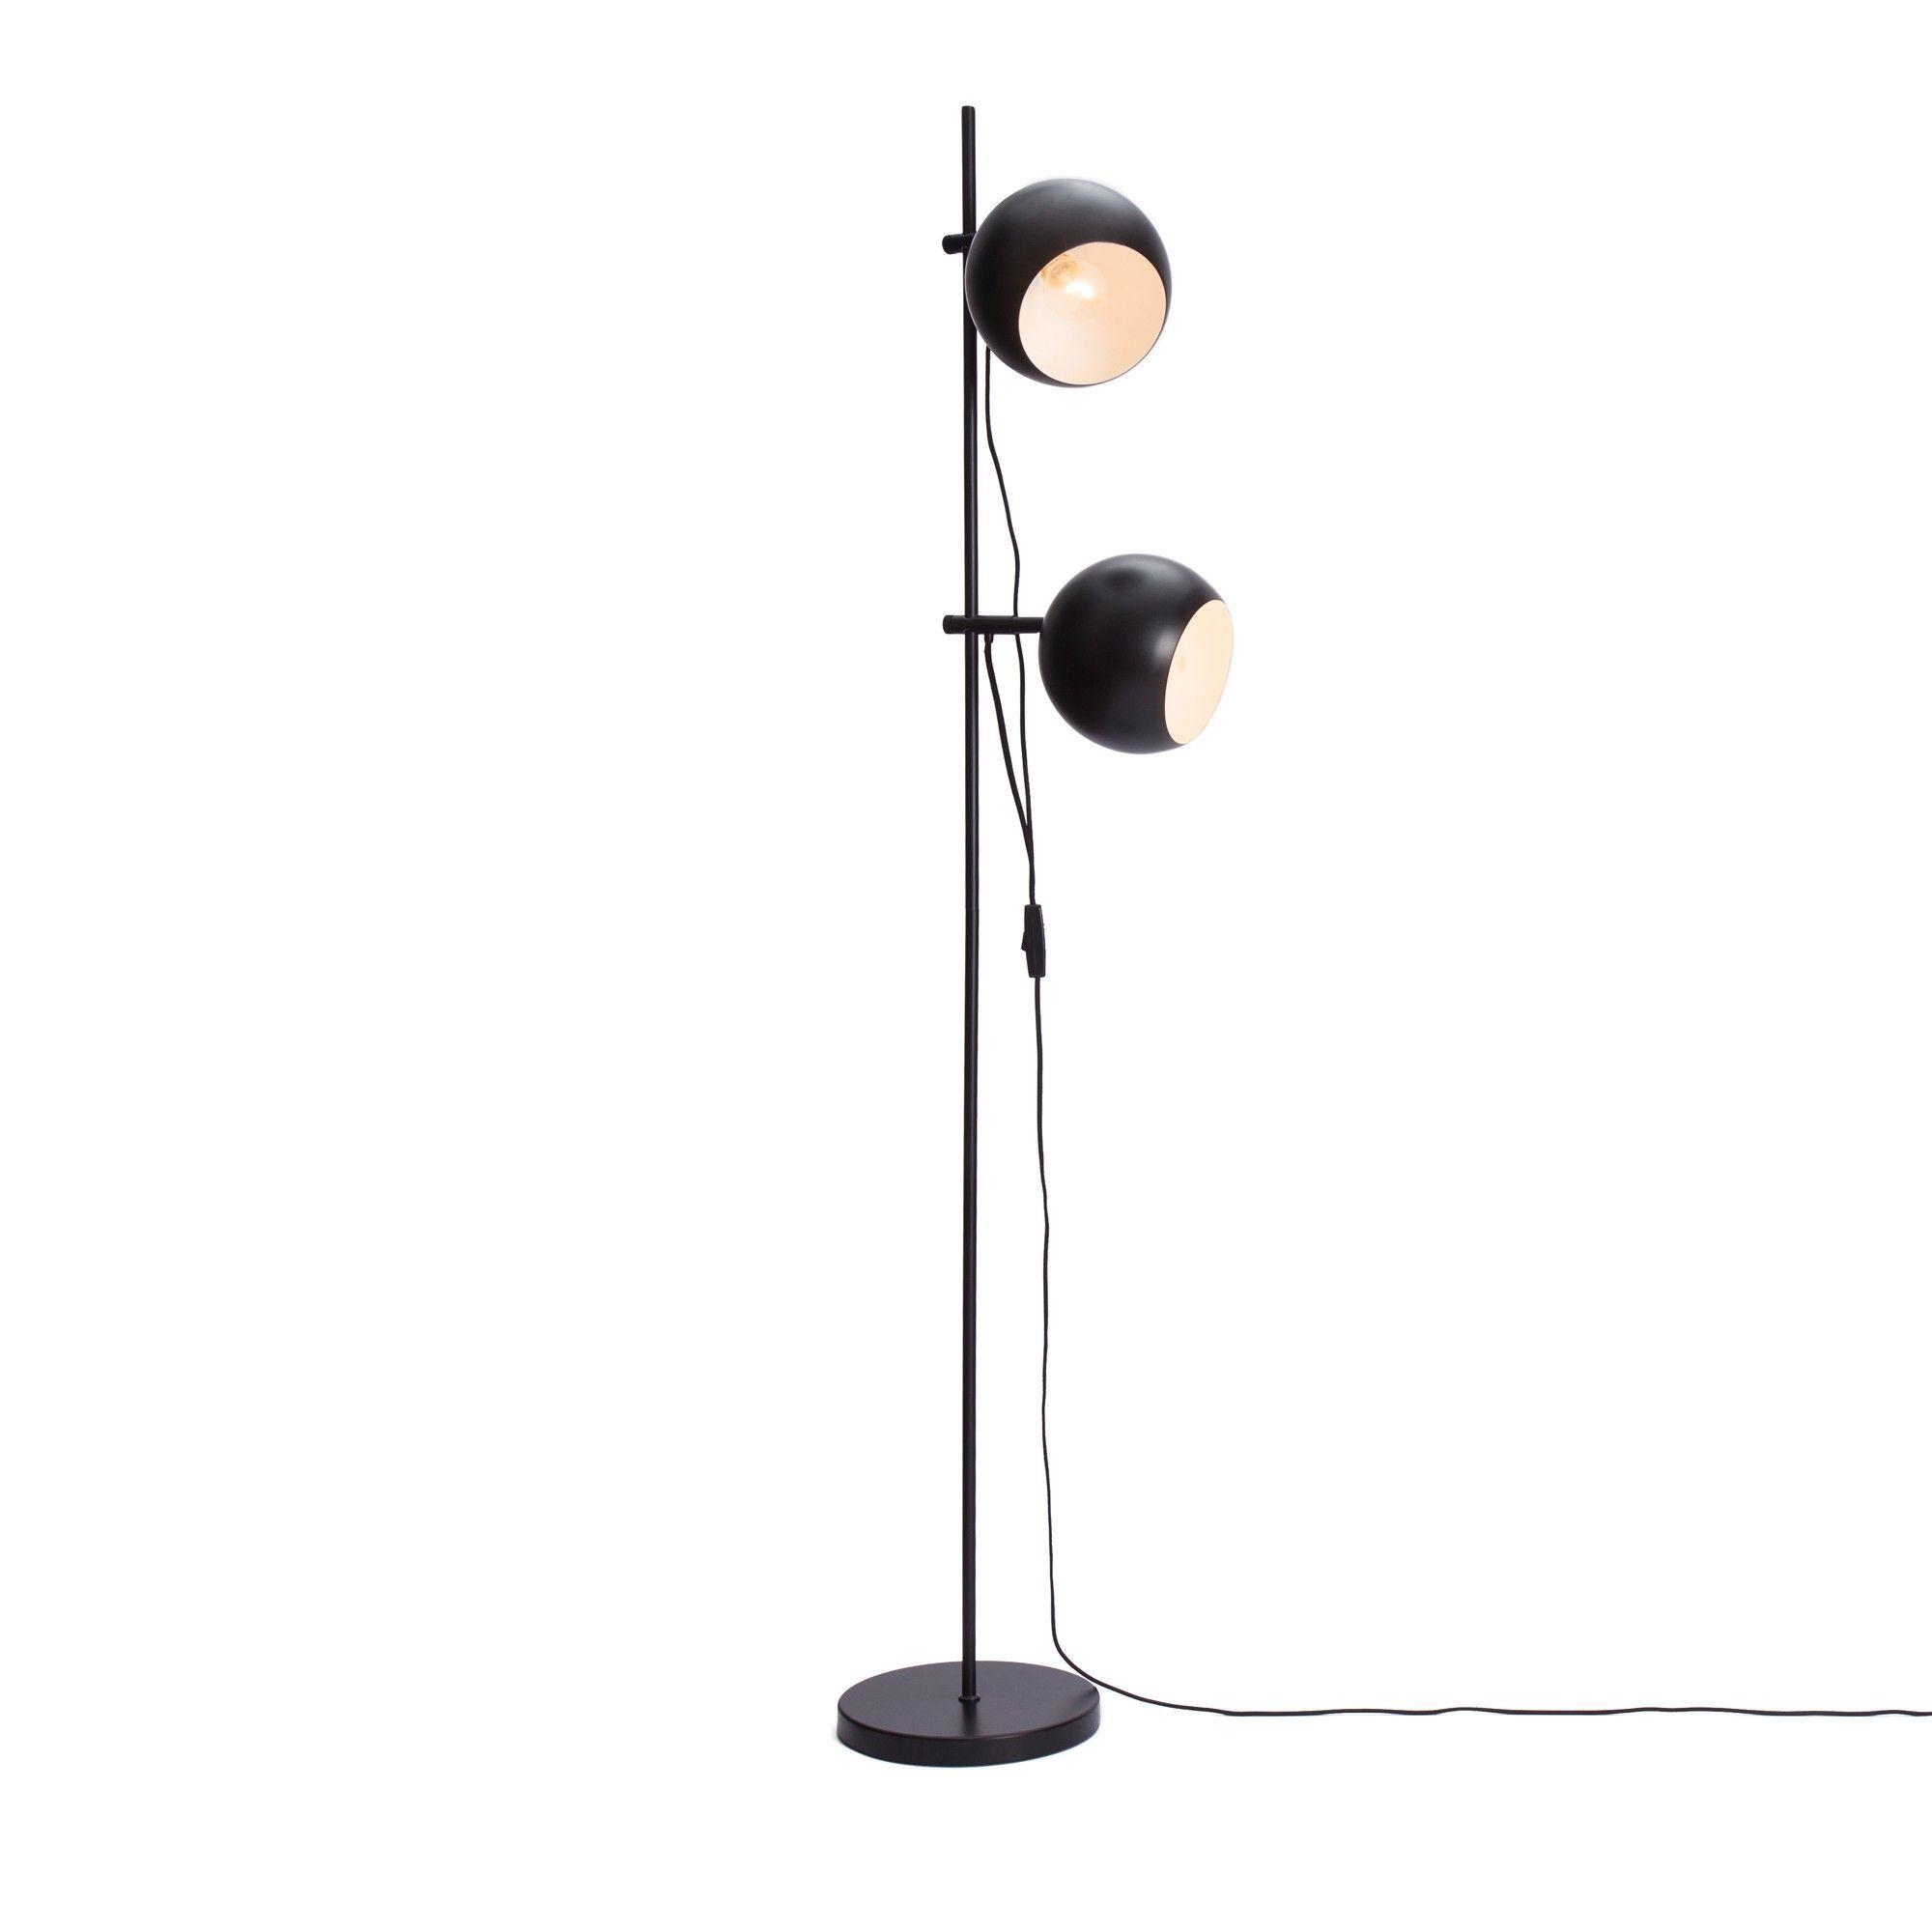 beeindruckende inspiration stehlampe dreifuss beste bild oder abddfbfdefeec